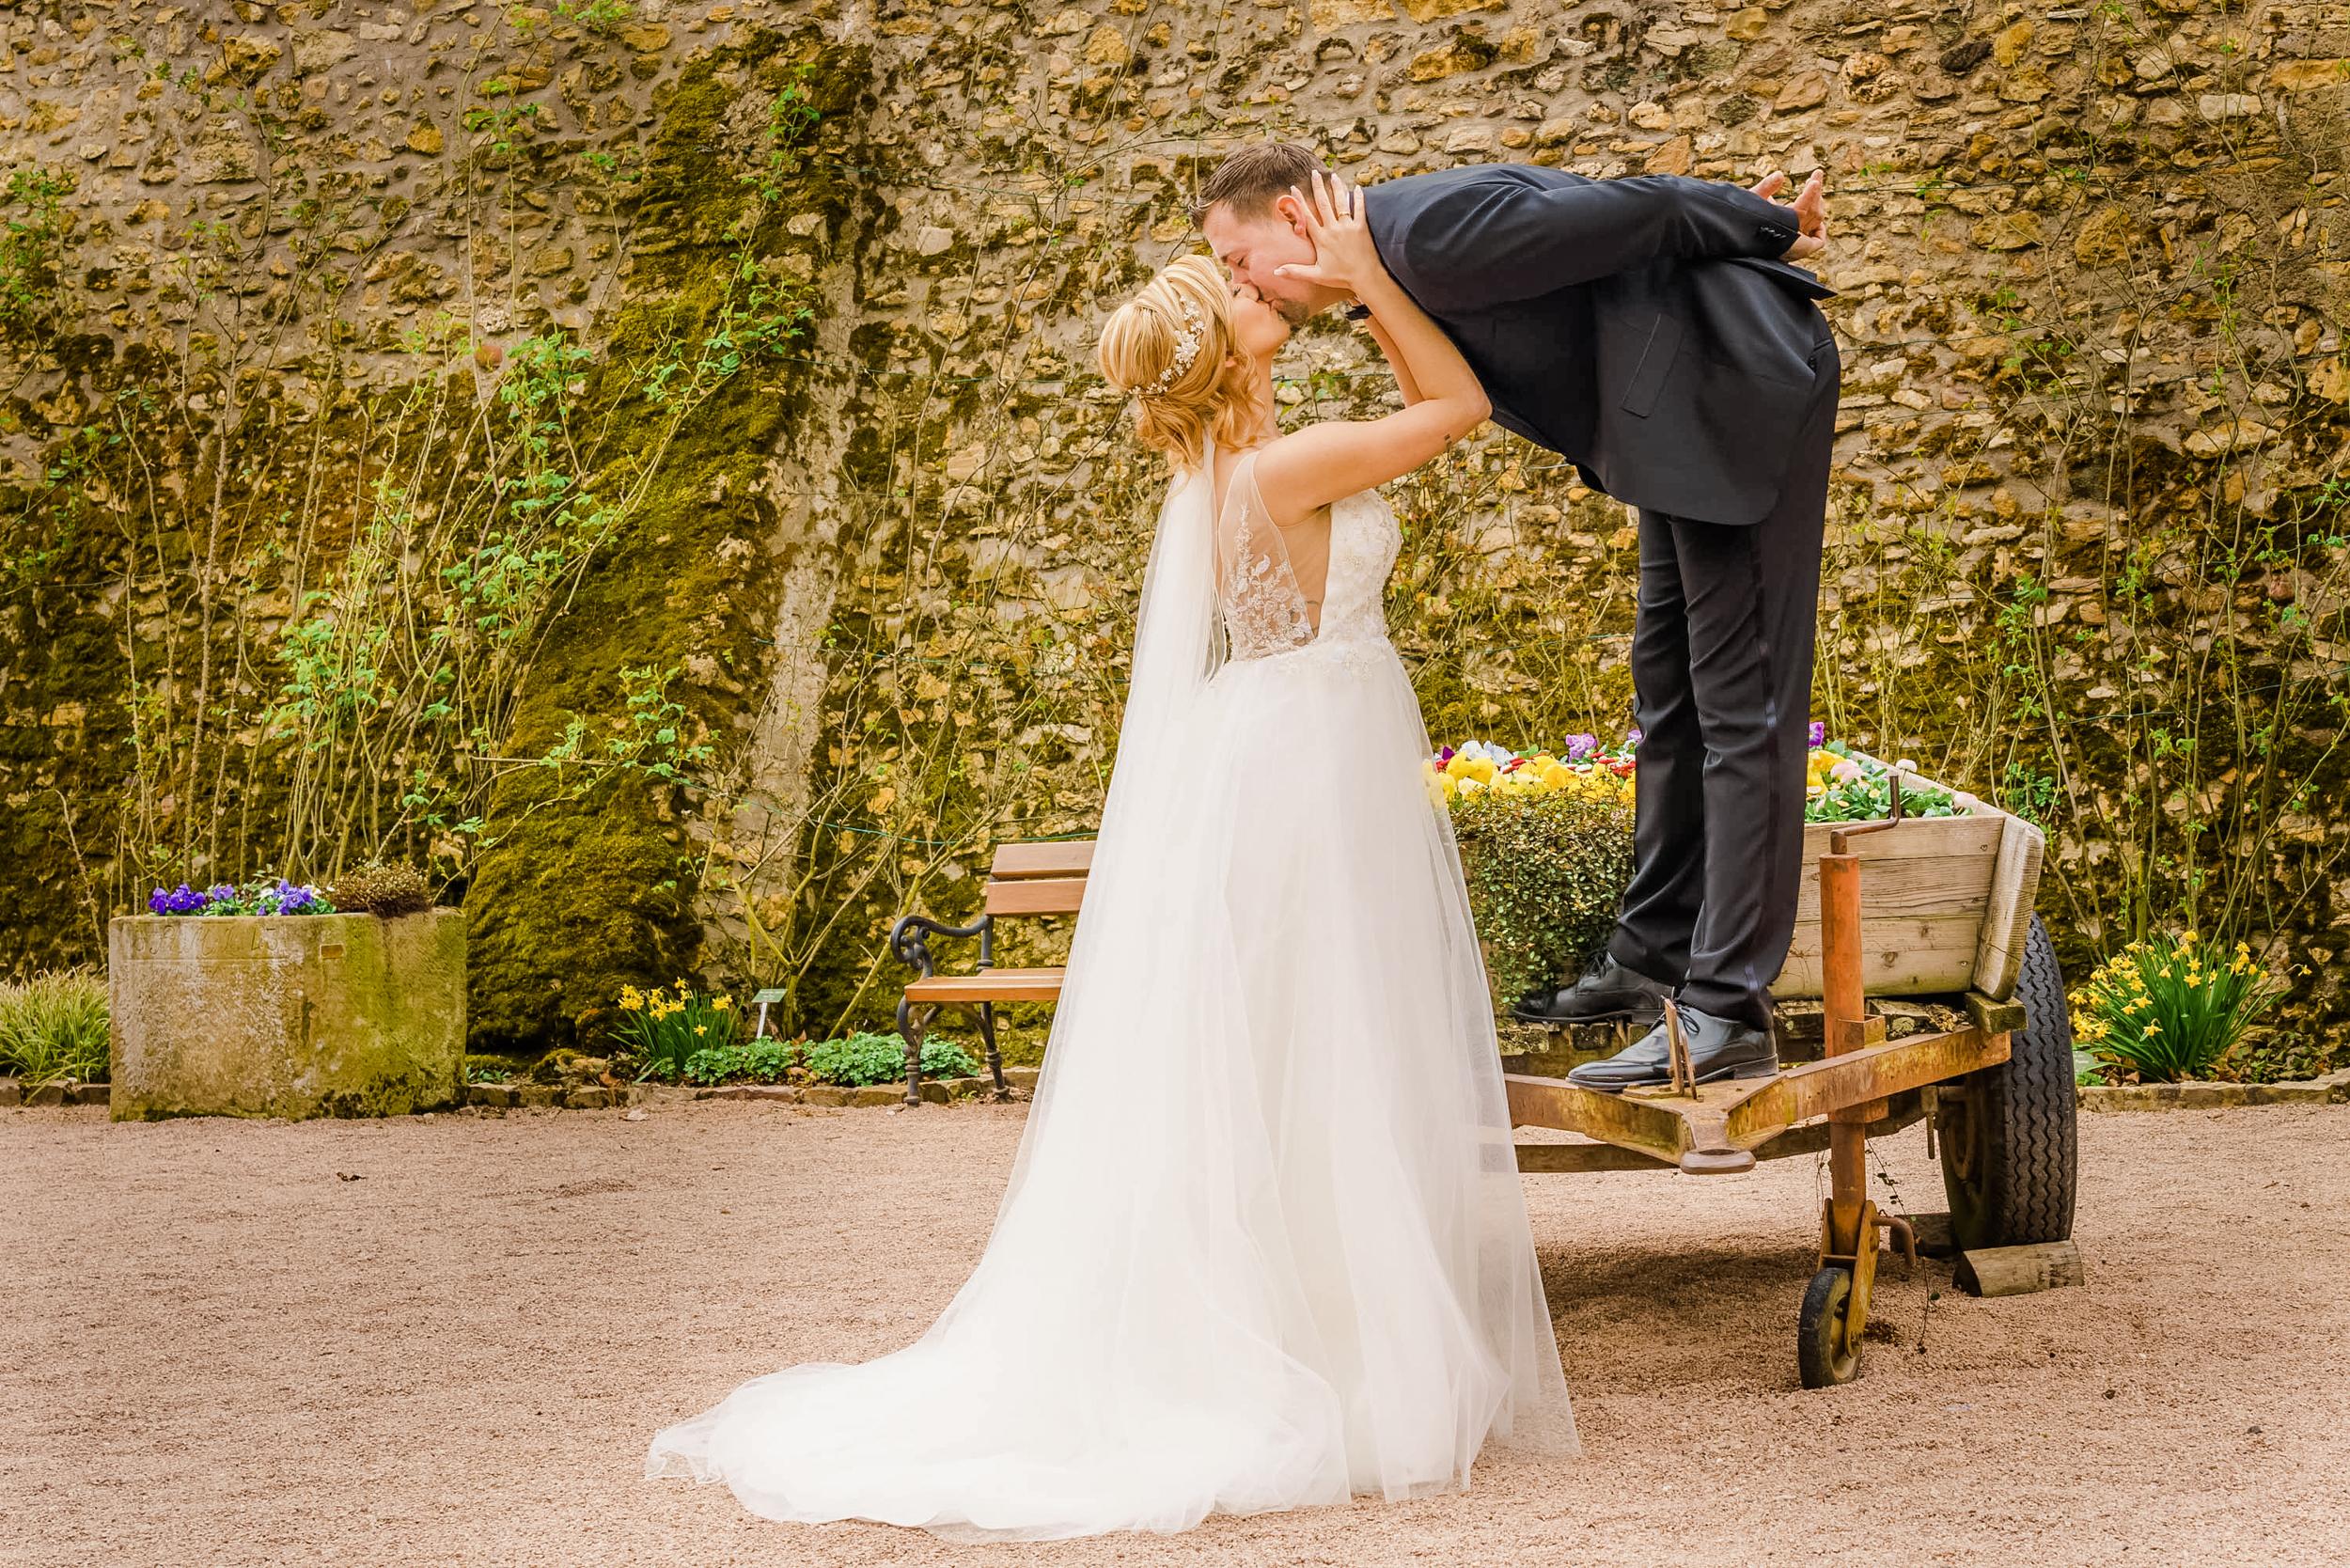 Brautpaarshooting_Hochzeitsfotograf am Rhein